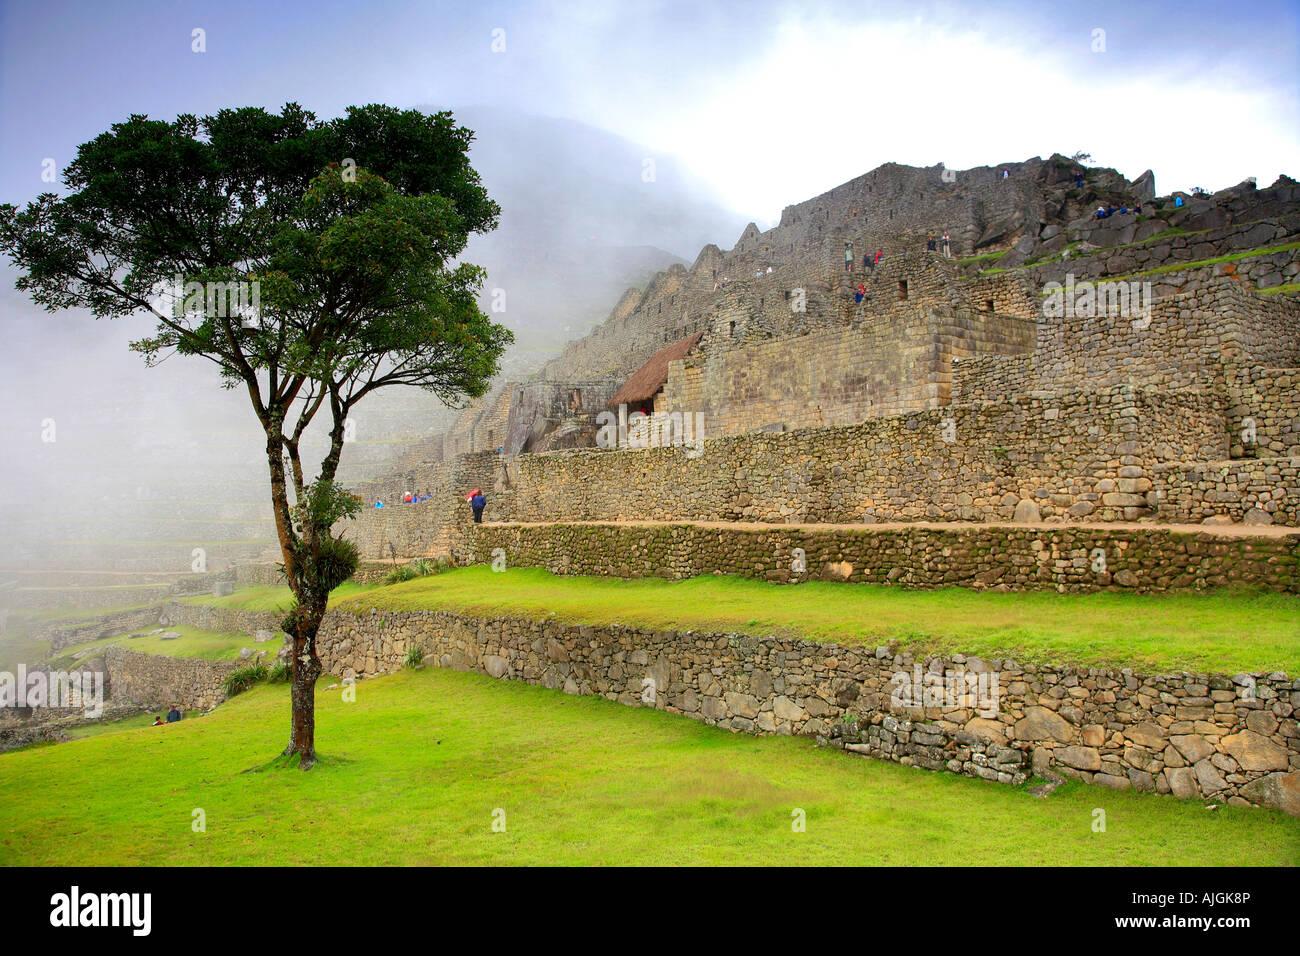 Árbol en la niebla de la mañana del sector urbano de la UNESCO Patrimonio de la Humanidad Machu Picchu Imagen De Stock